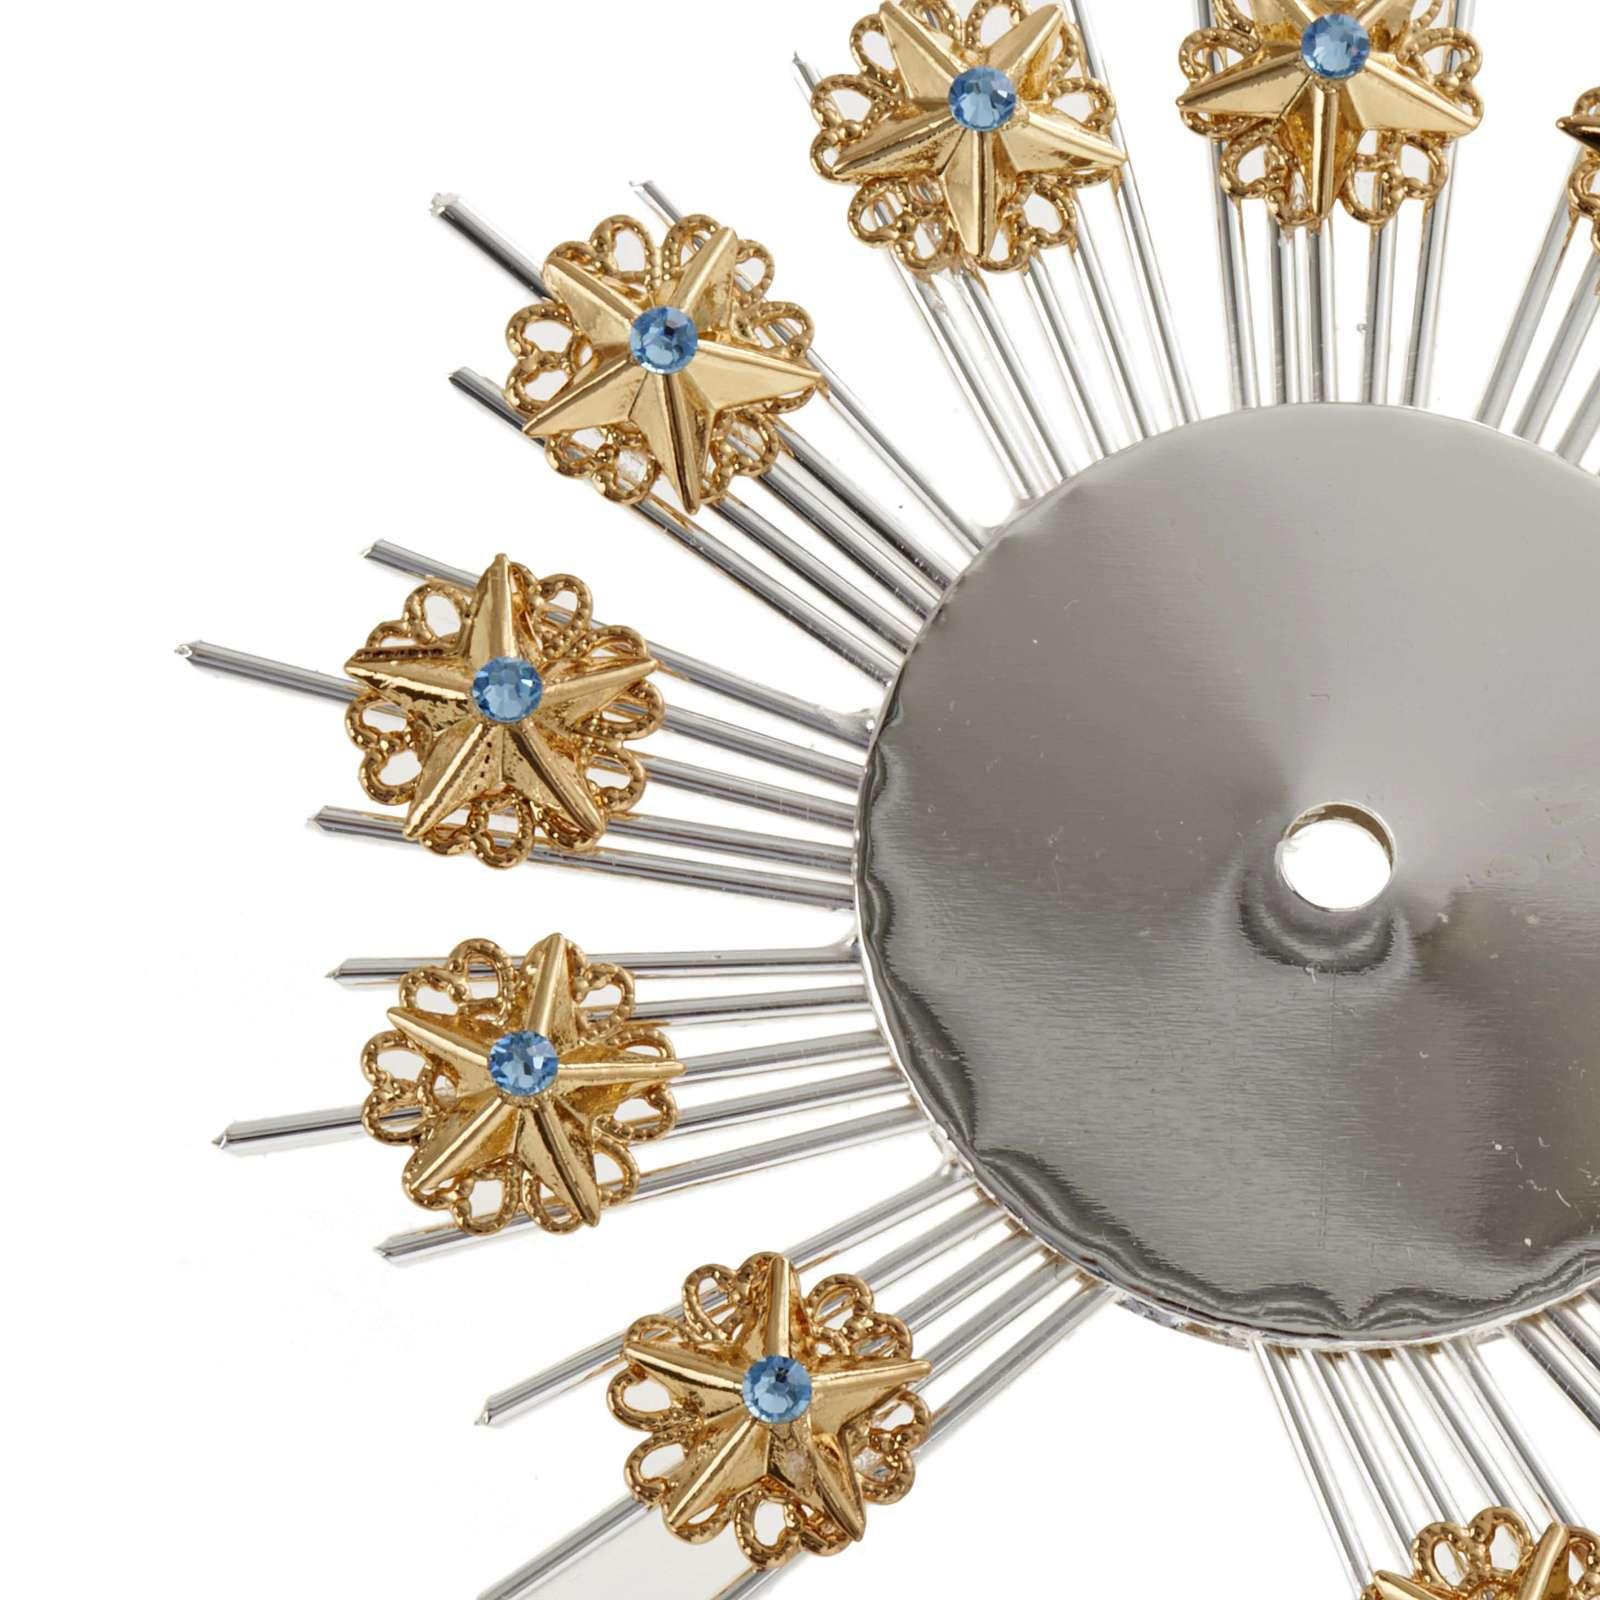 Stellario ottone filigrana oro argento 3